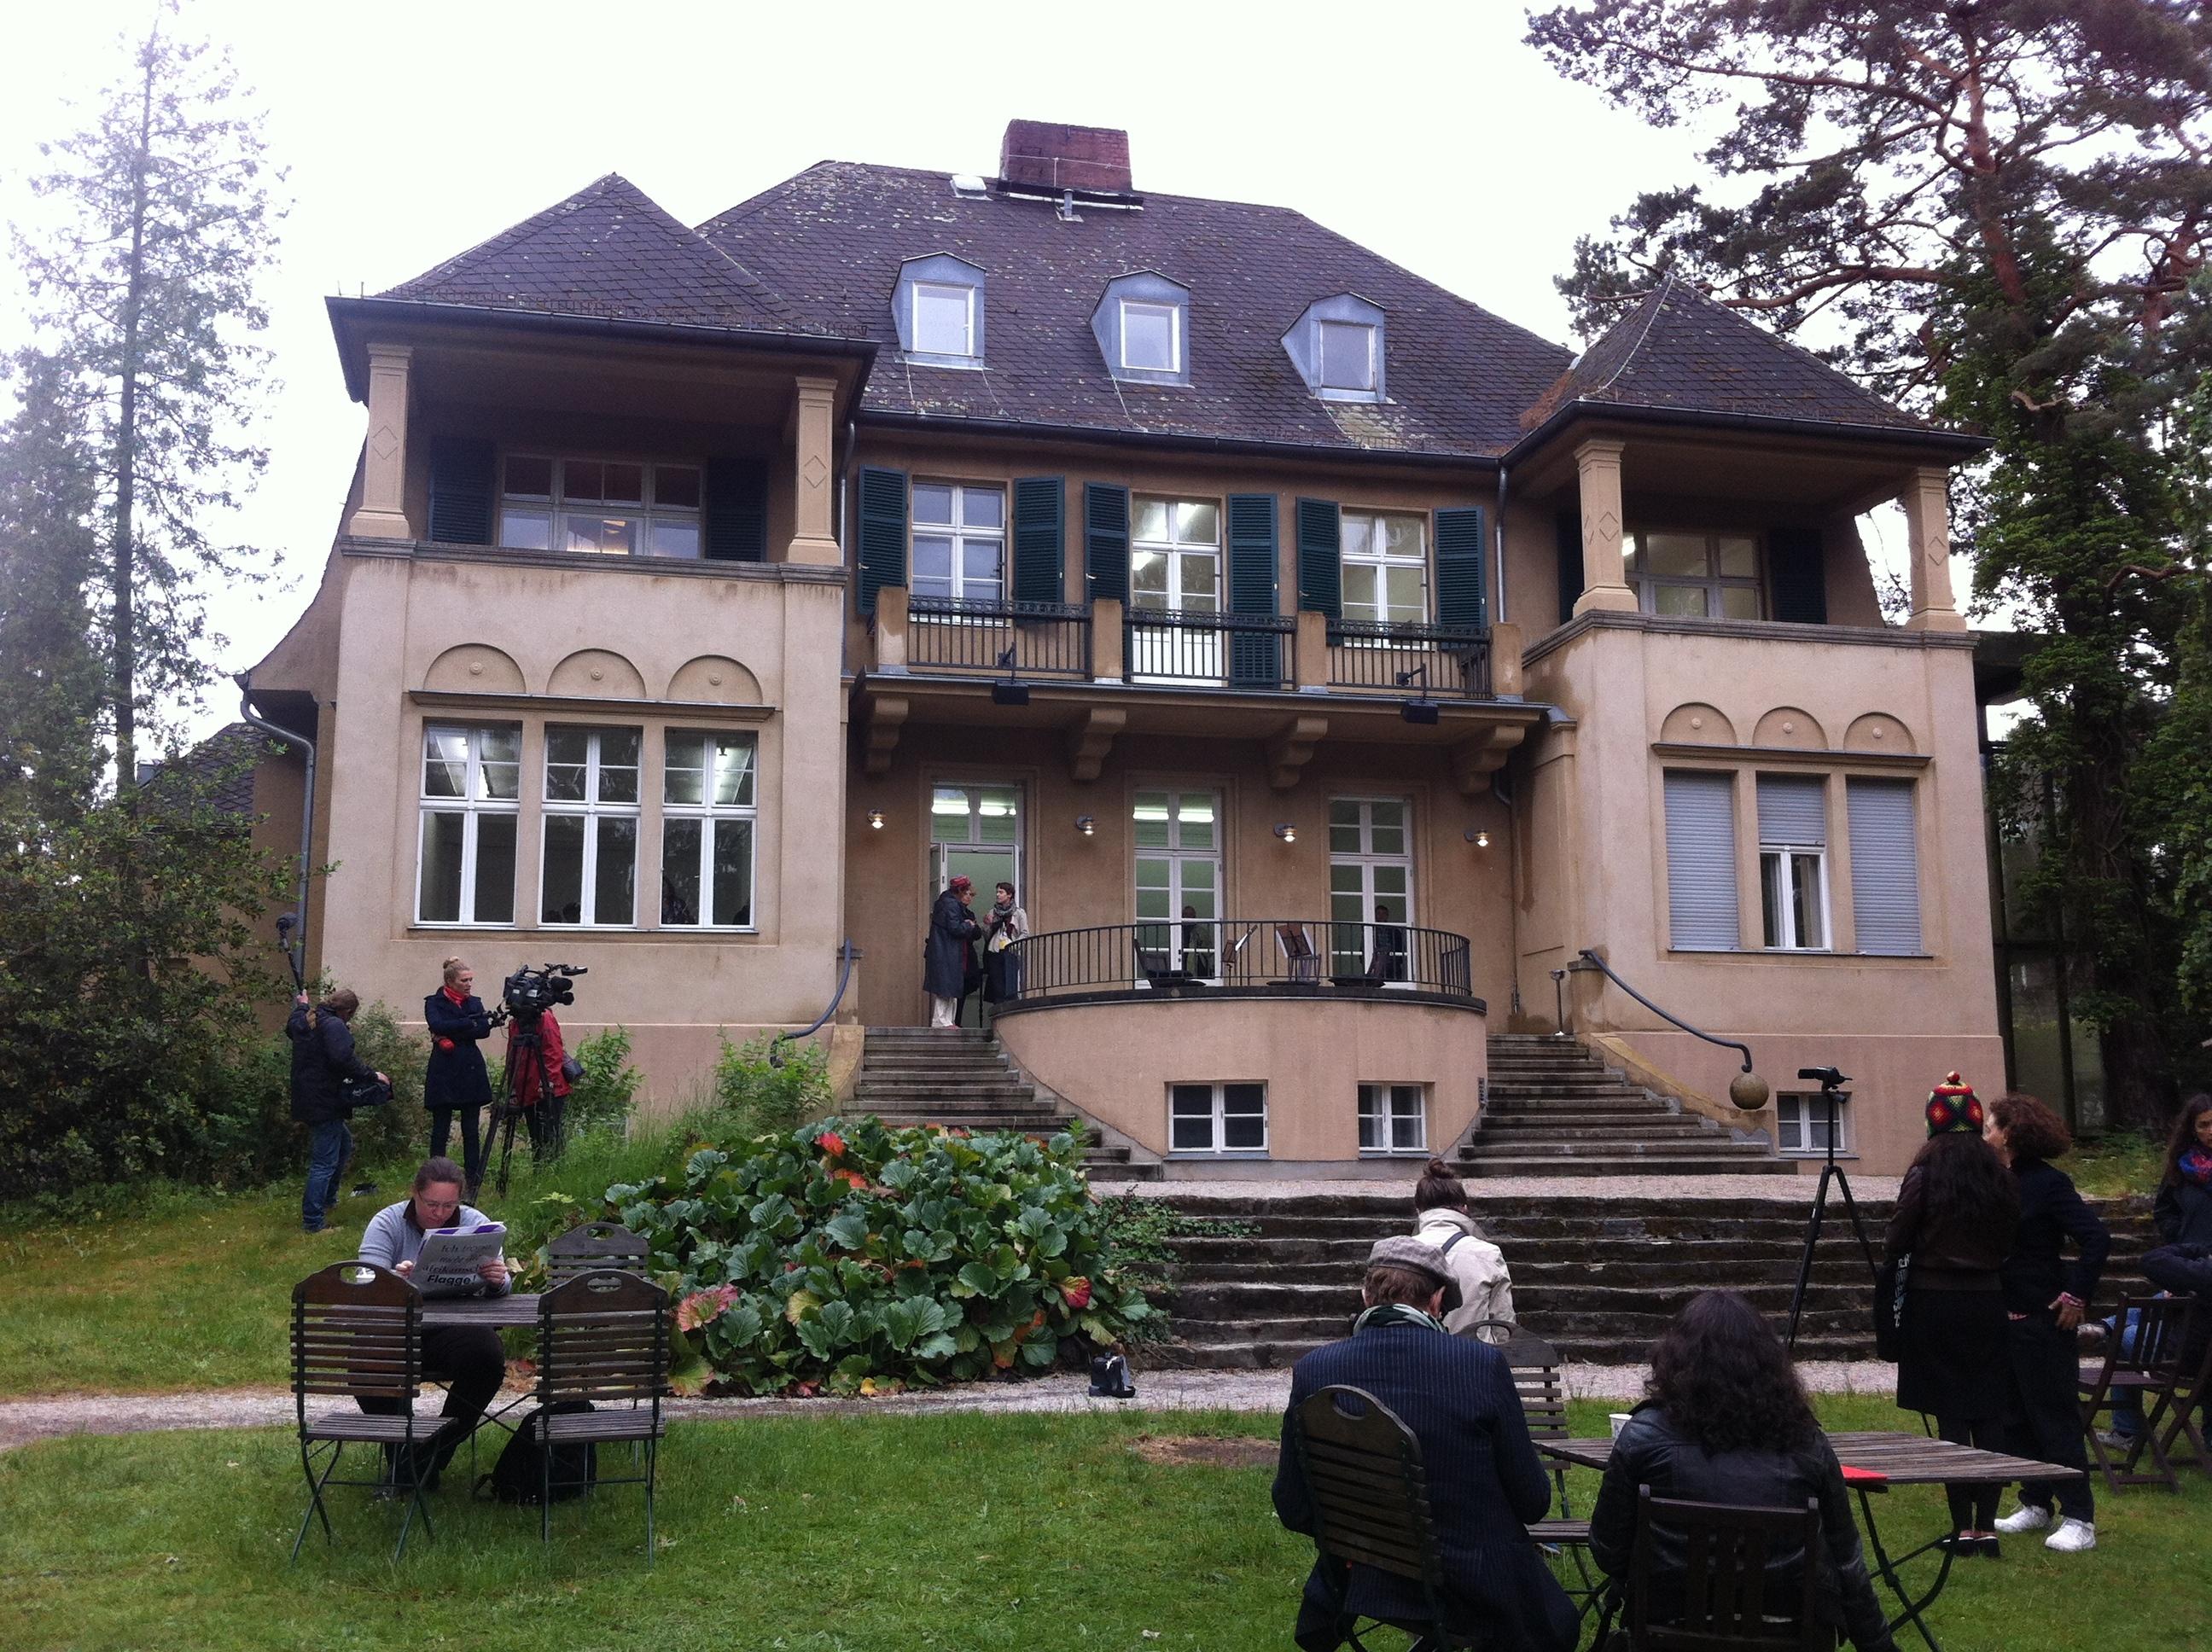 Haus am Waldsee, widok odstrony ogrodu, foto: K. Wielebska